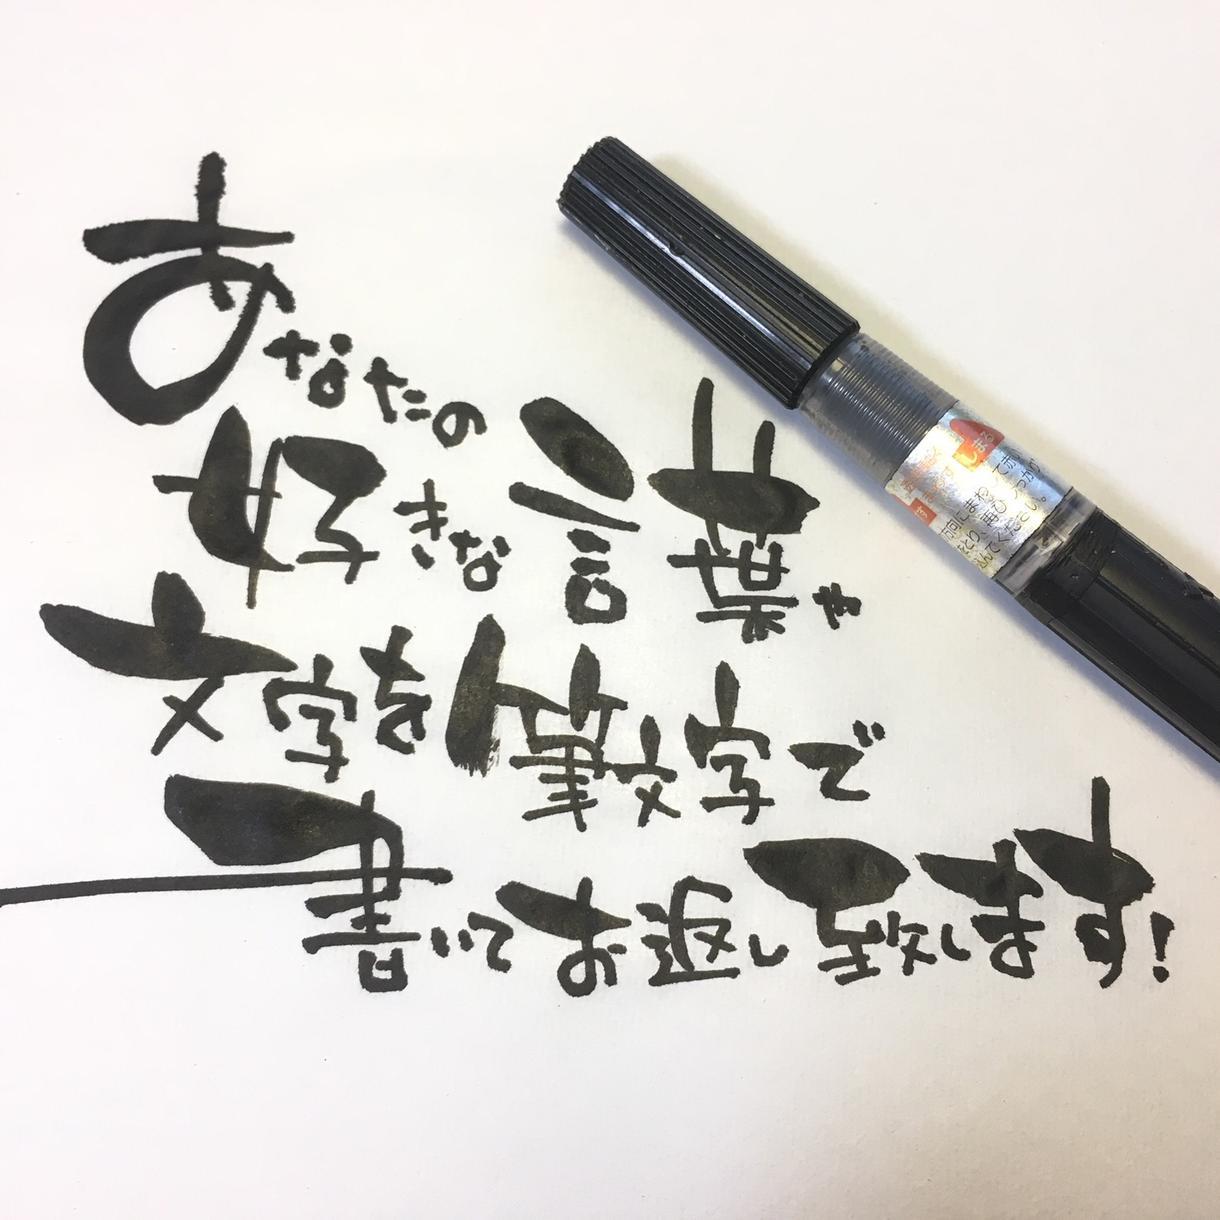 あなたの好きな言葉や文字を書いてお返しします 独特な筆文字でいろんな用途に対応♪